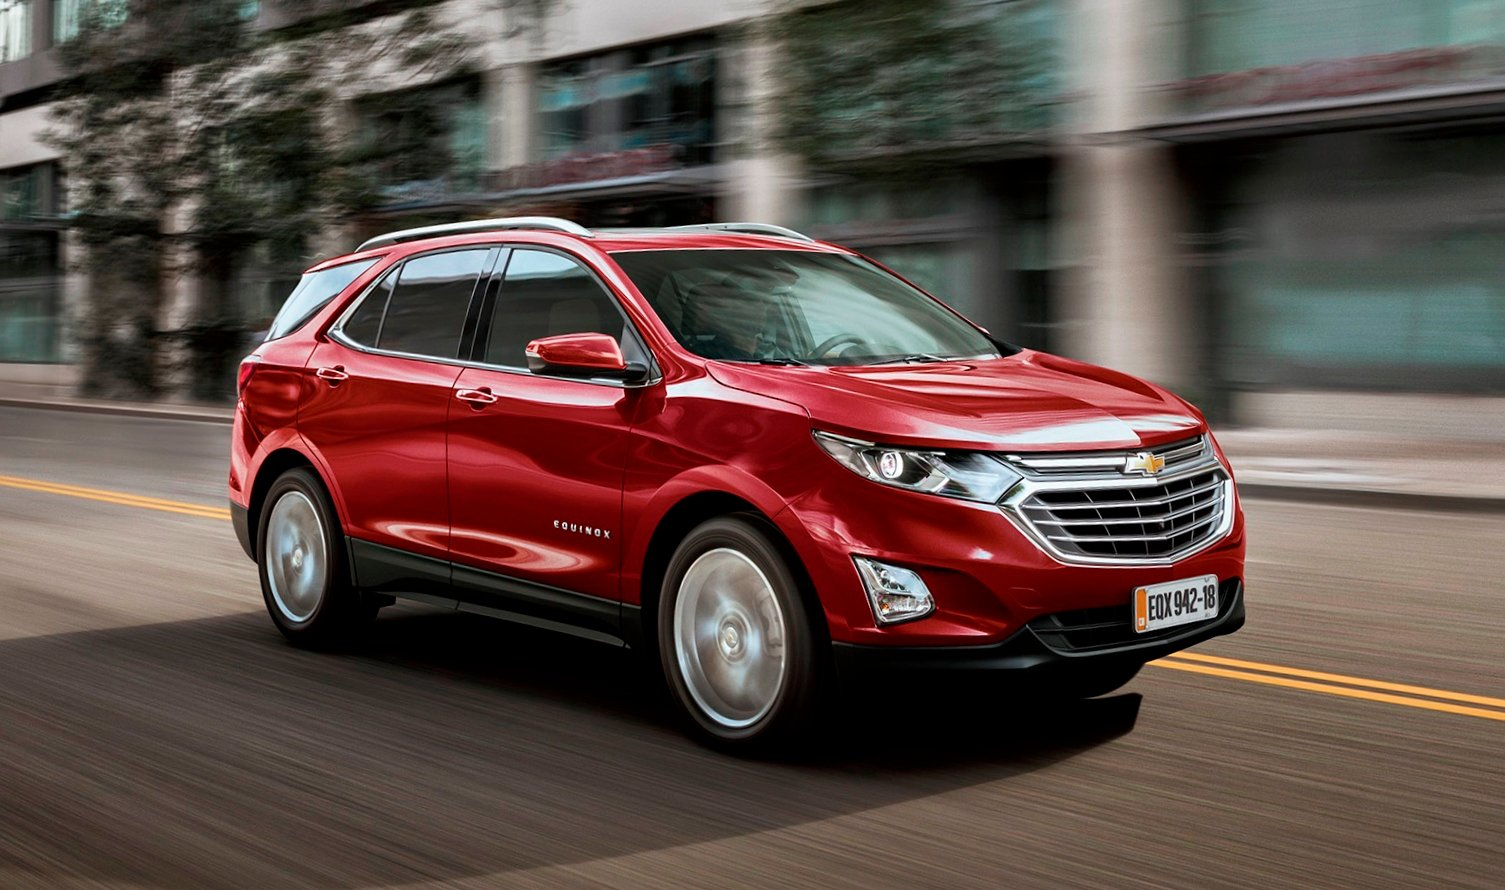 Conheça detalhes do Chevrolet Equinox, novo SUV Premium que chega às lojas em breve